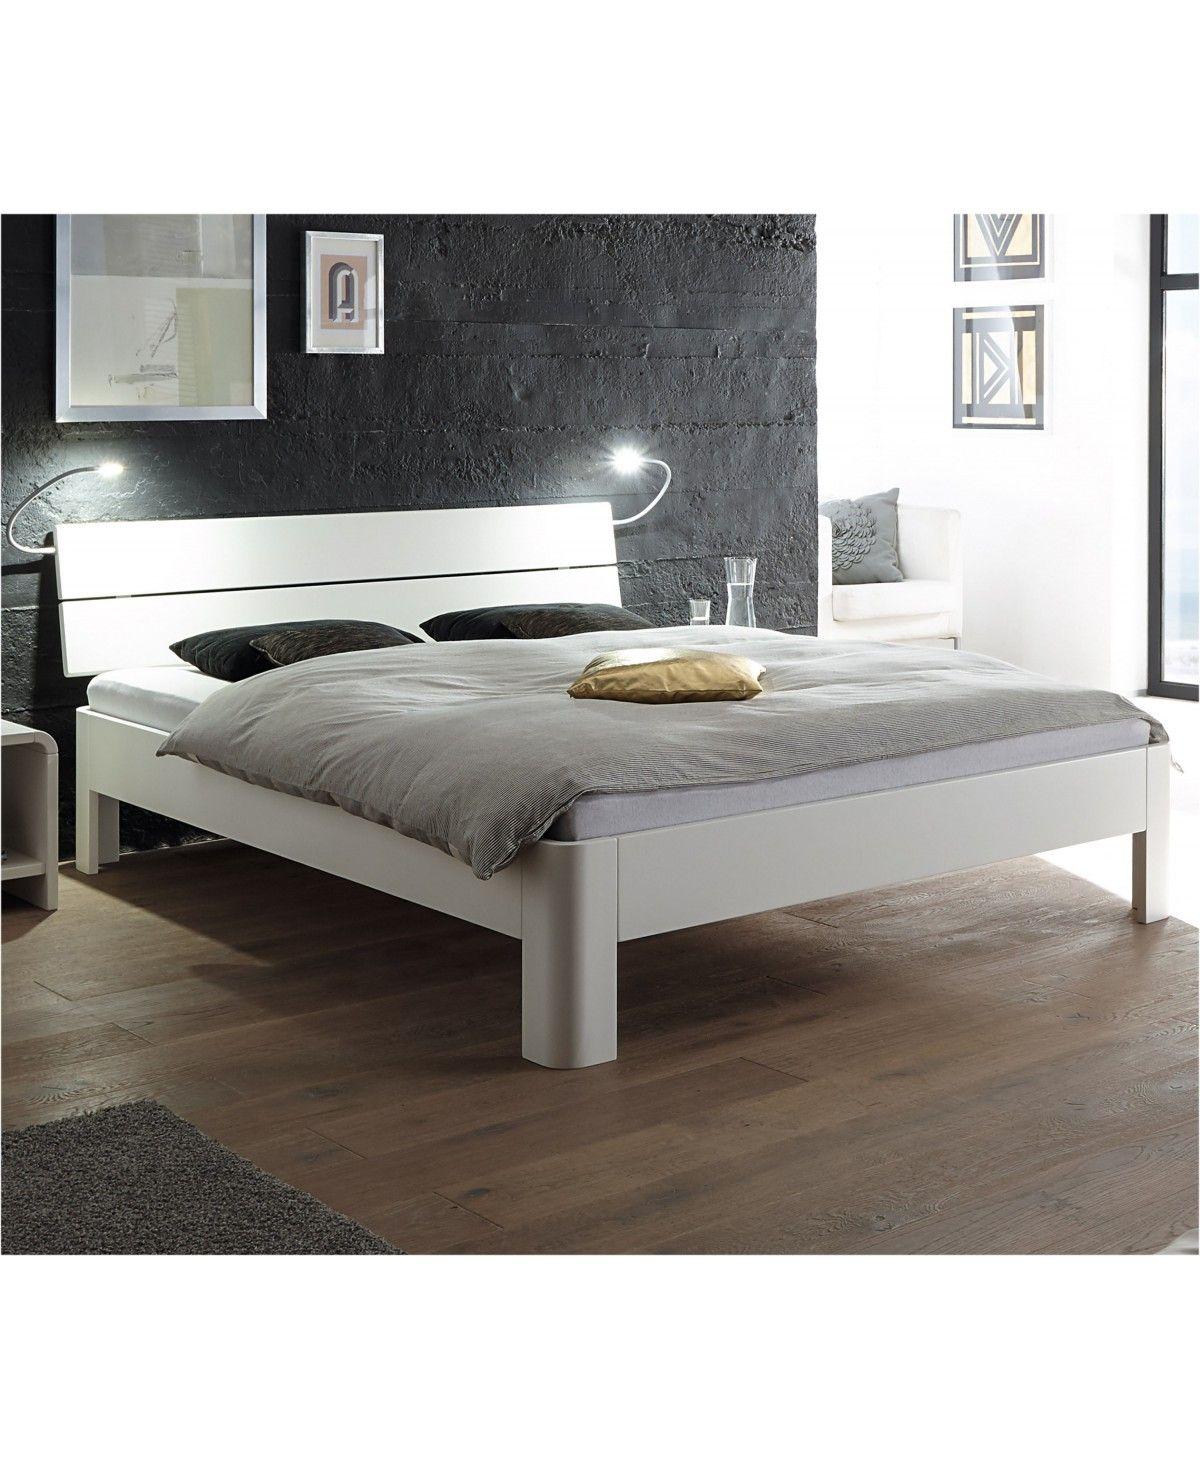 HASENA Fine Line Bett Syma 18 Füße Ronda Buche weiß deckend 200x200